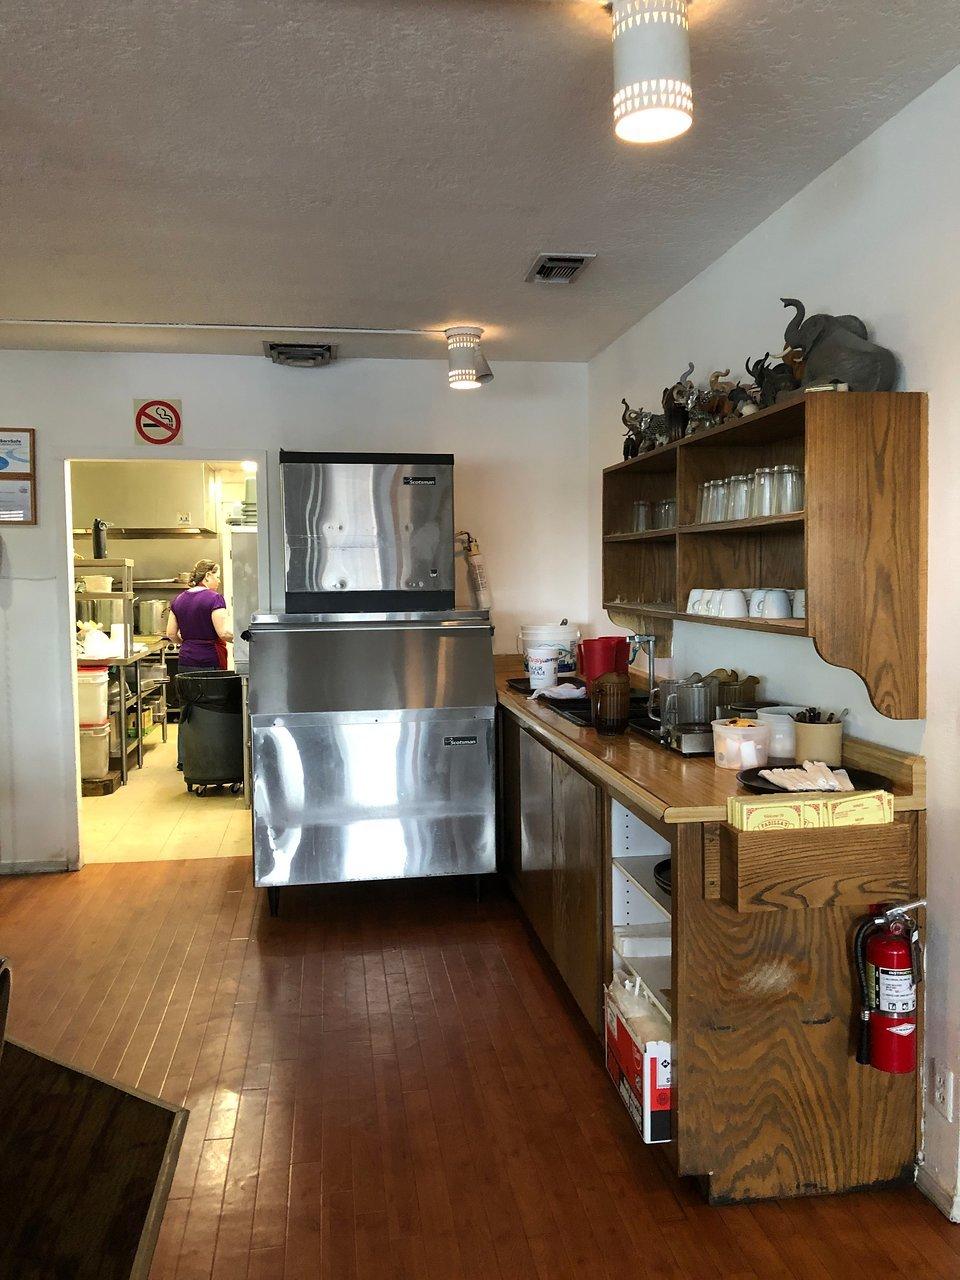 Padilla S Mexican Kitchen Menu Reviews And Photos 1510 Girard Blvd Ne Albuquerque Nm 87106 1823 Albuquerque